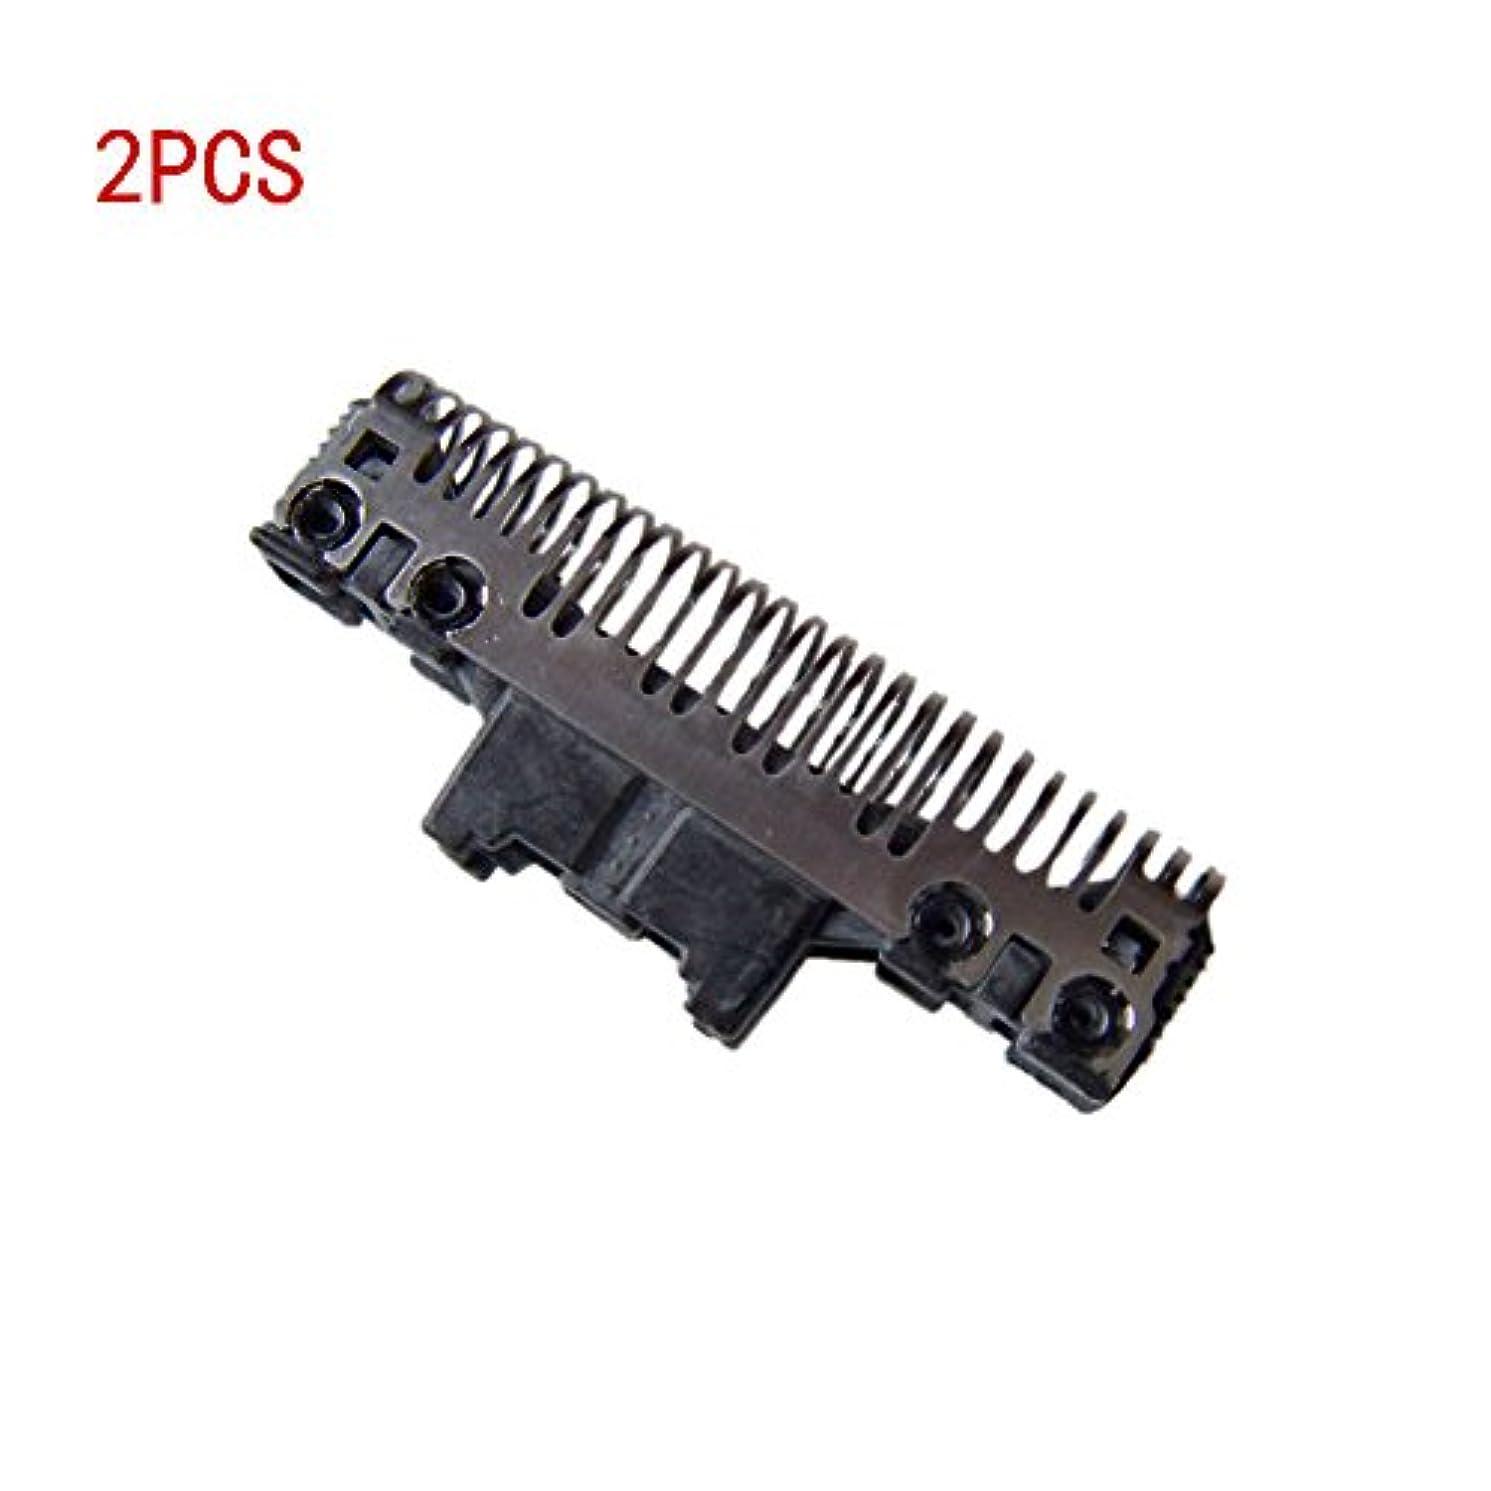 スティックストロー噴火Hzjundasi シェーバーパーツ 部品 内刃 往復式シェーバー替刃 耐用 高質量 for Panasonic ES9072/7021/7022/7023/7026/7027/7006/7007